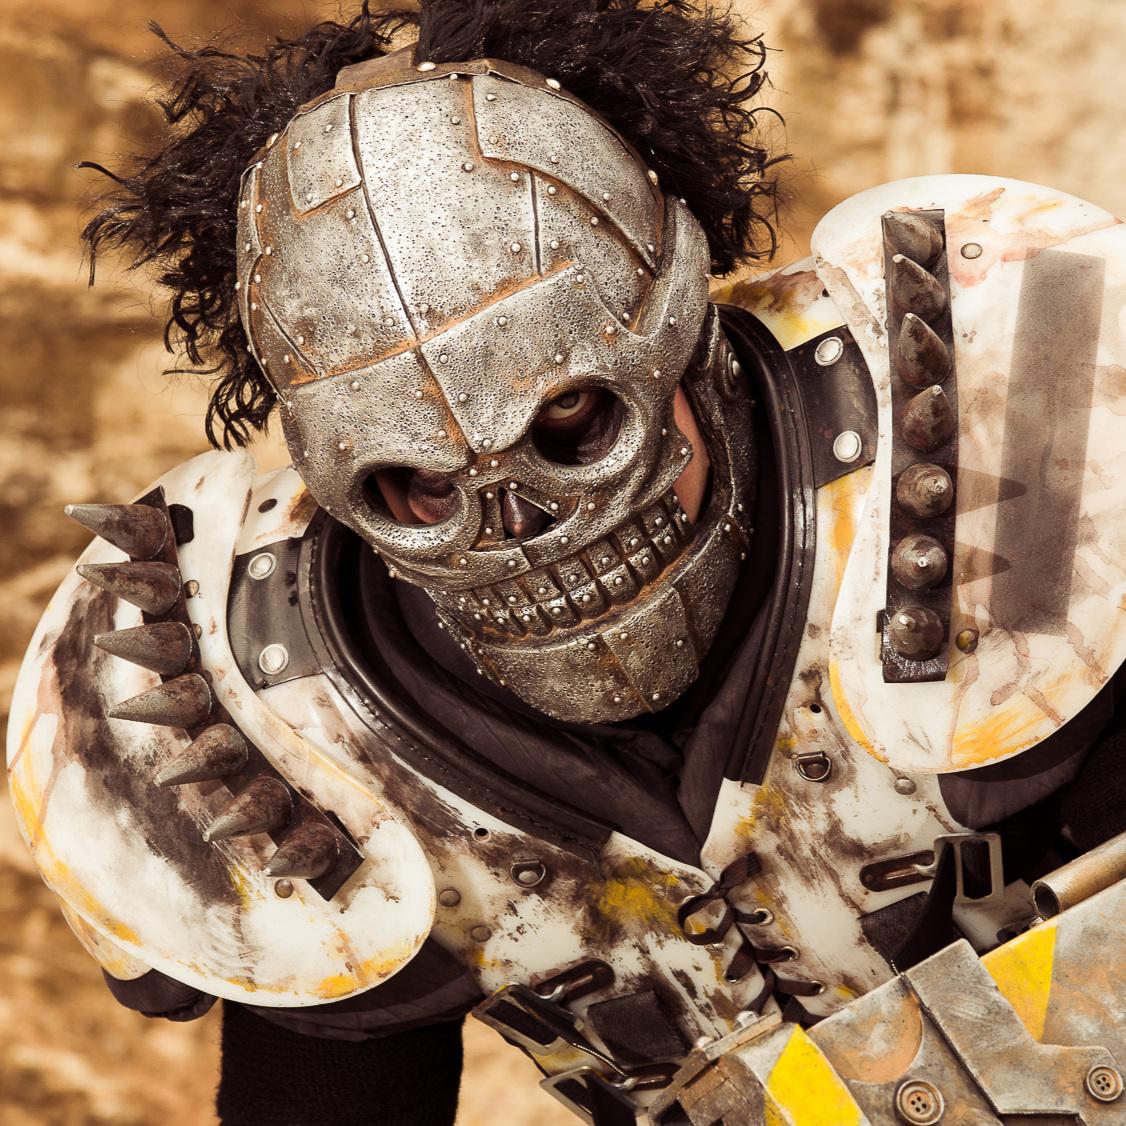 Skeletron -